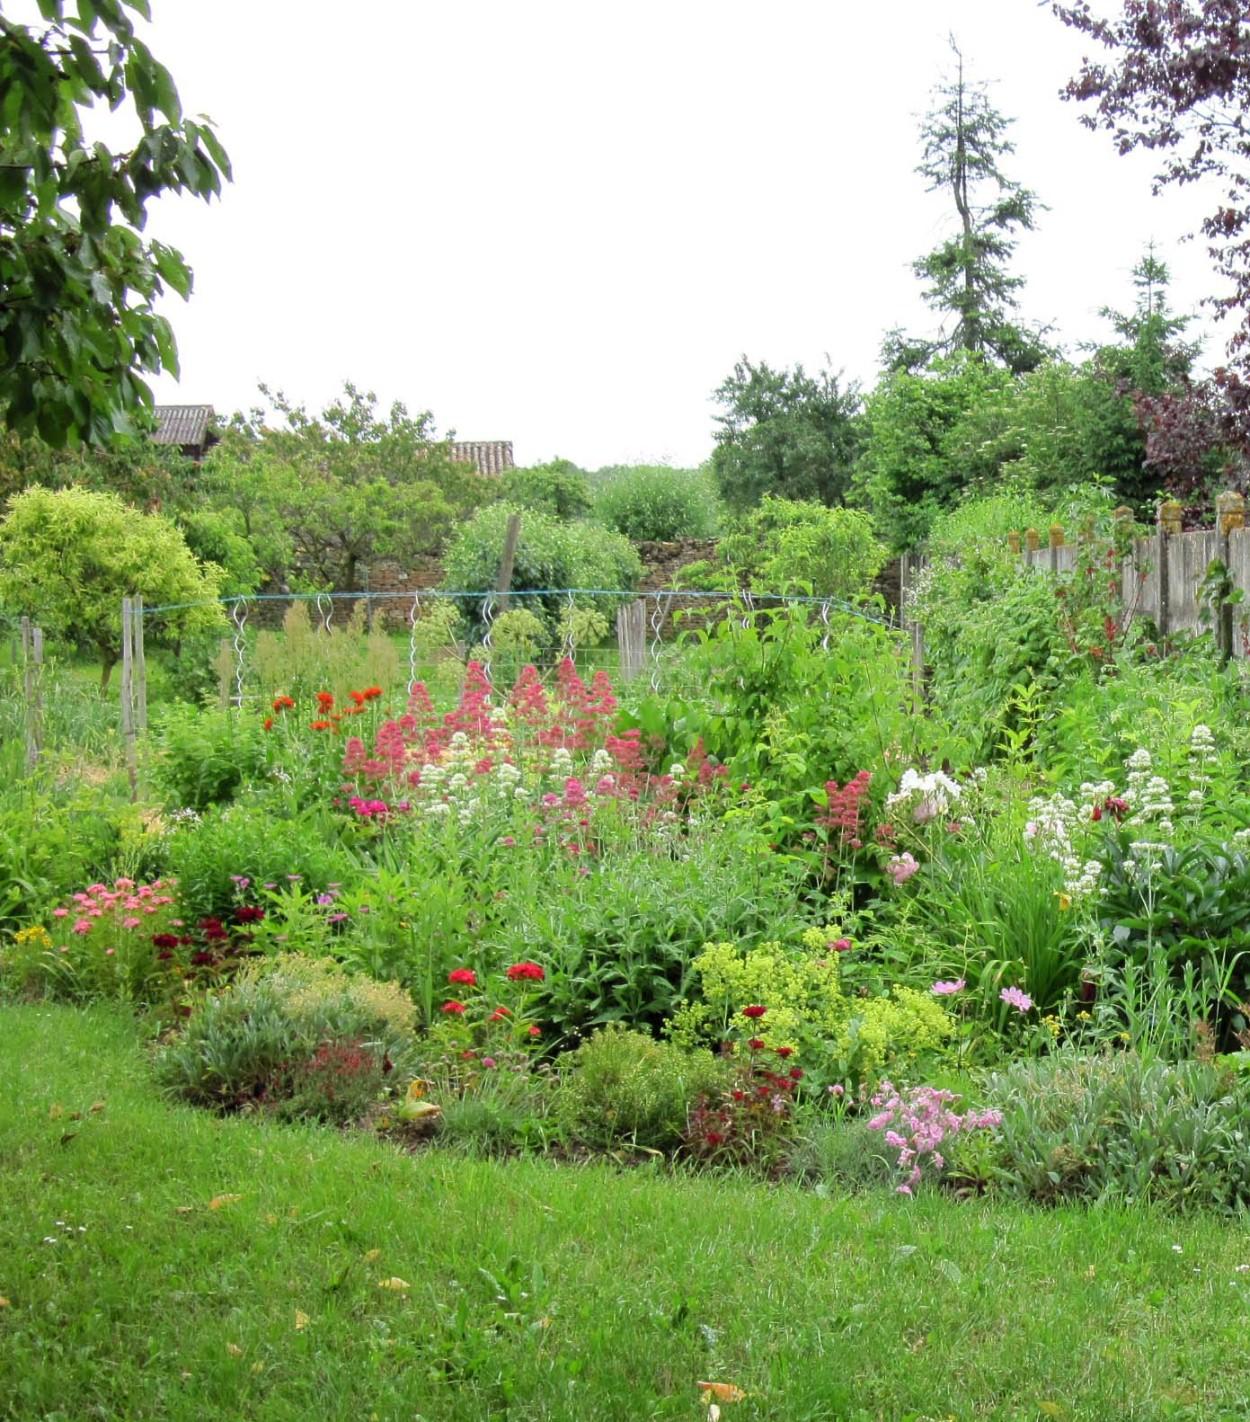 Le jardin des abeilles 71 bienvenue au jardin des abeilles for Jardin 71